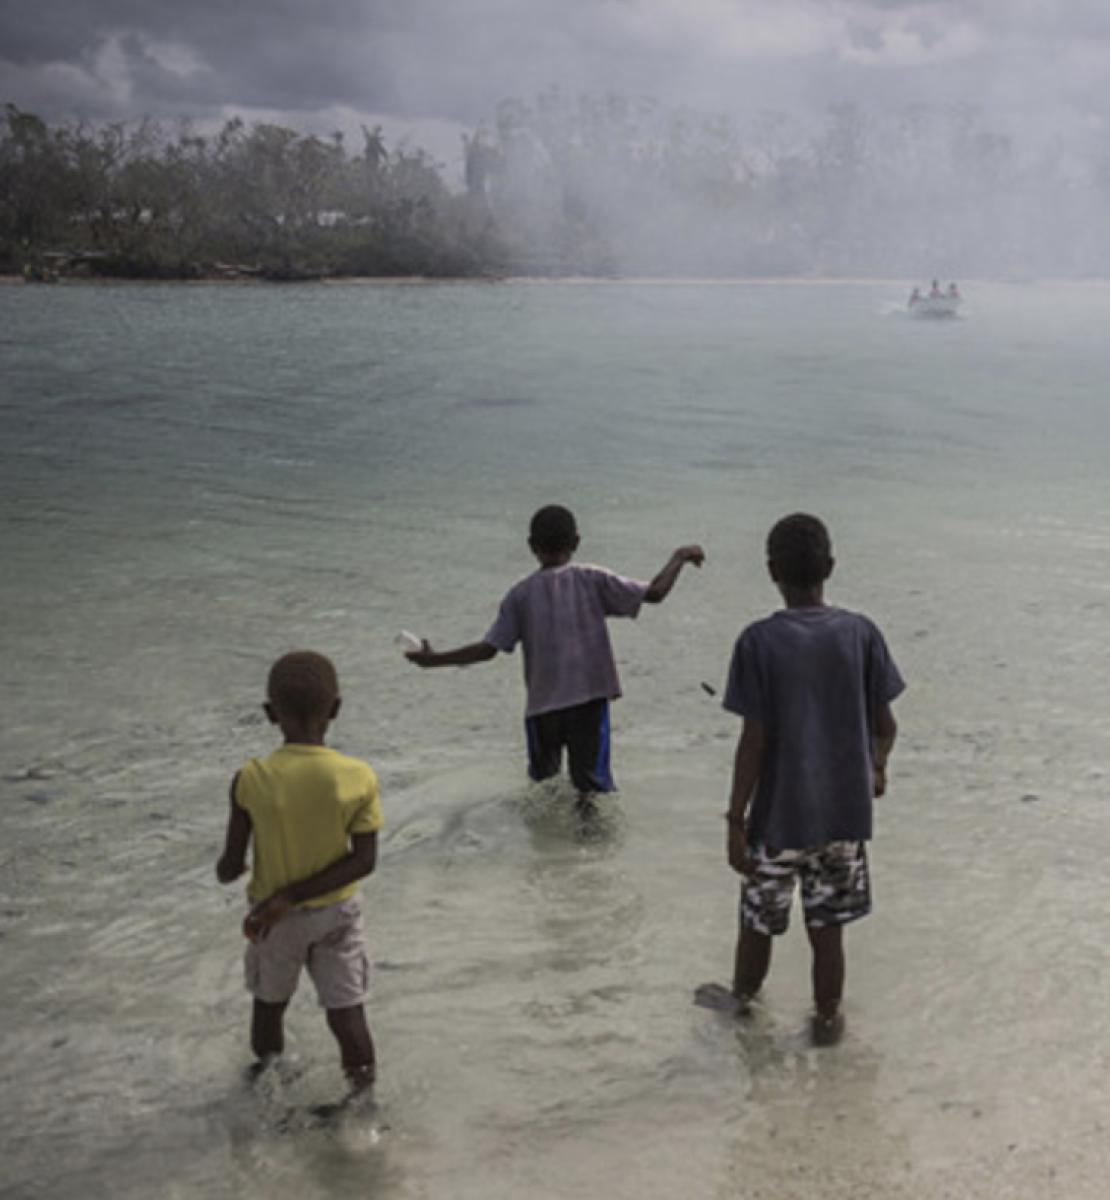 Трое детей стоят в водоеме, наблюдая за проплывающей рядом лодкой.